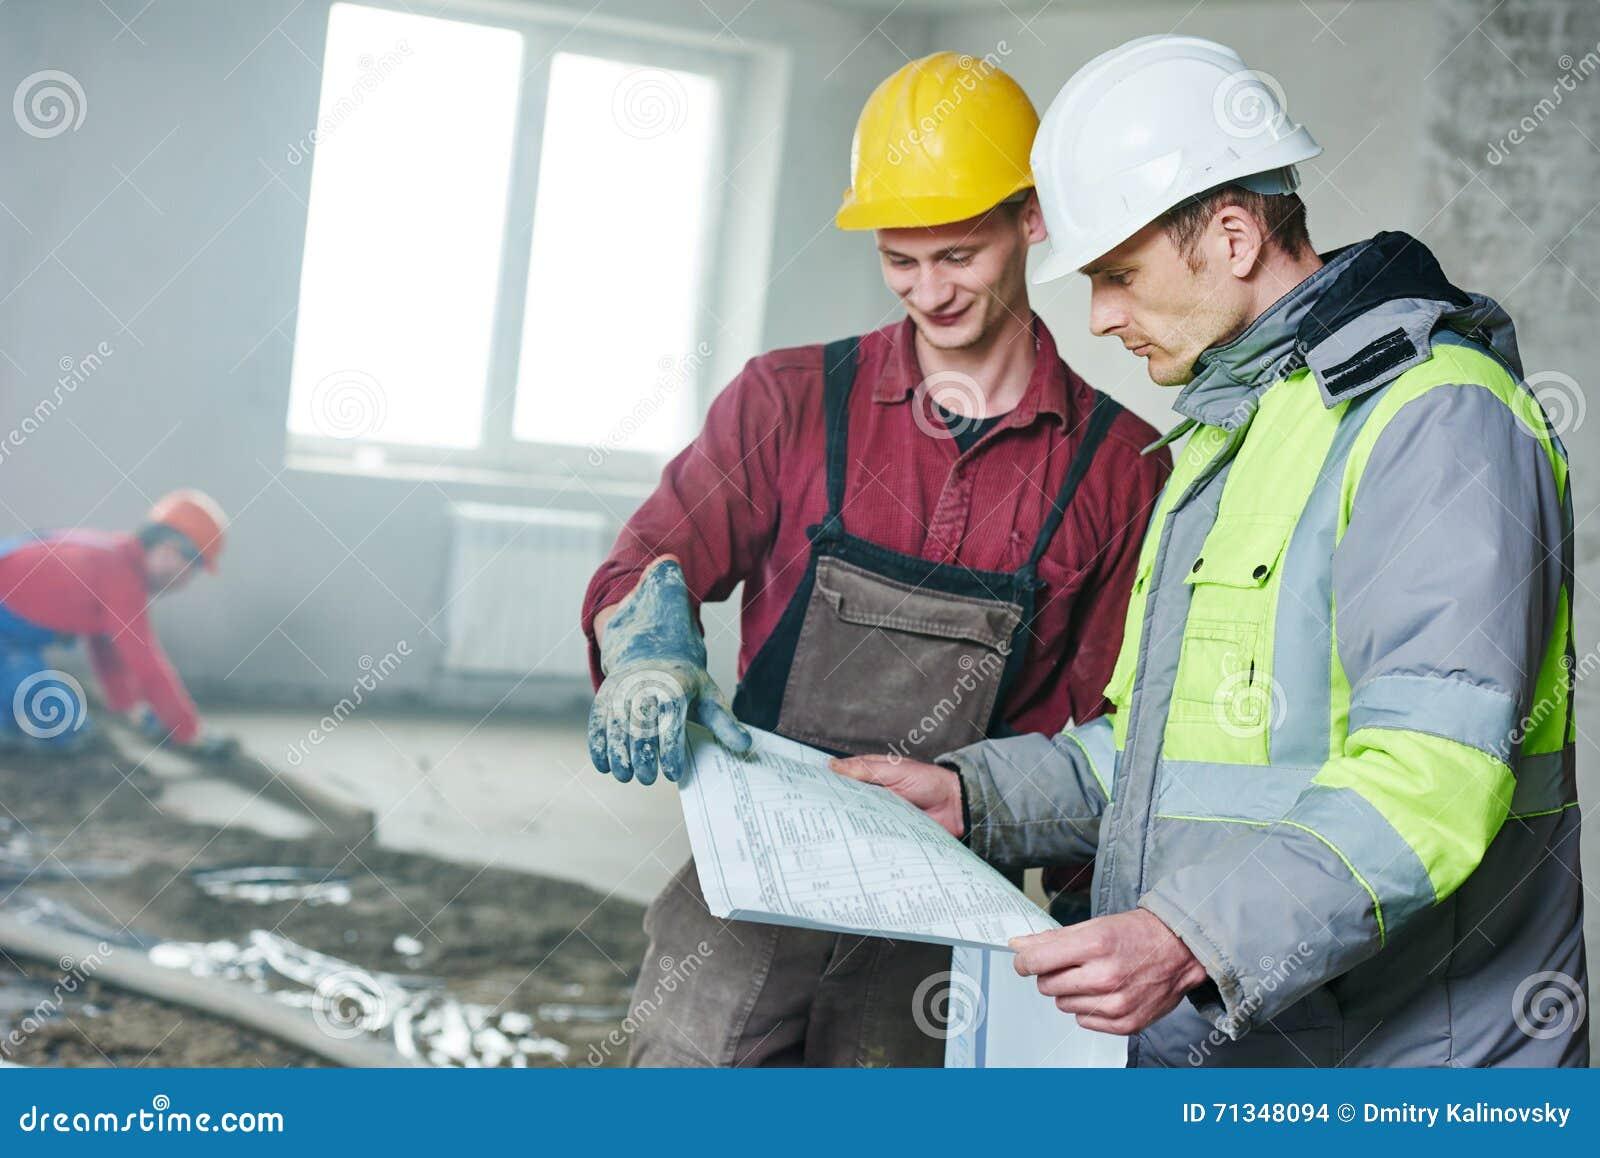 Οικοδόμος και εργάτης οικοδομών επιστατών με το σχεδιάγραμμα στο εσωτερικό διαμέρισμα